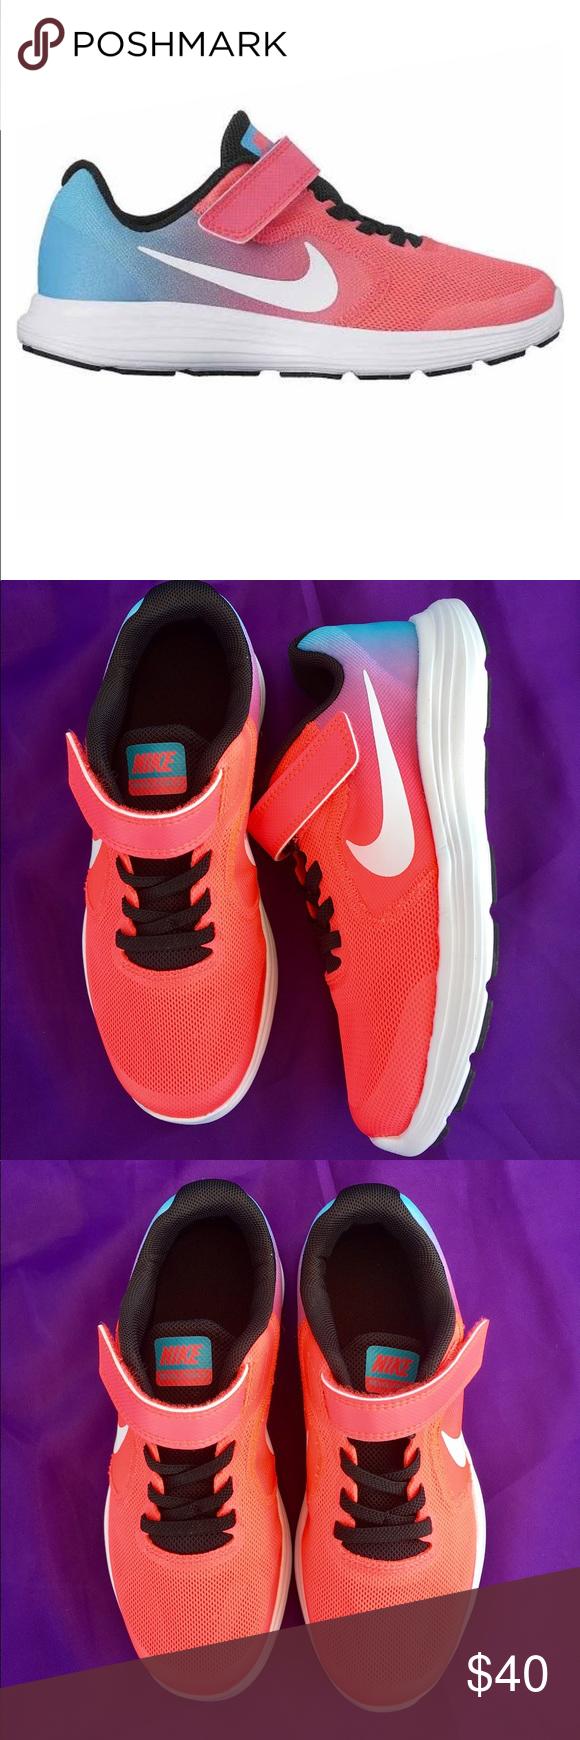 Nike Revolution 3 girls running shoes